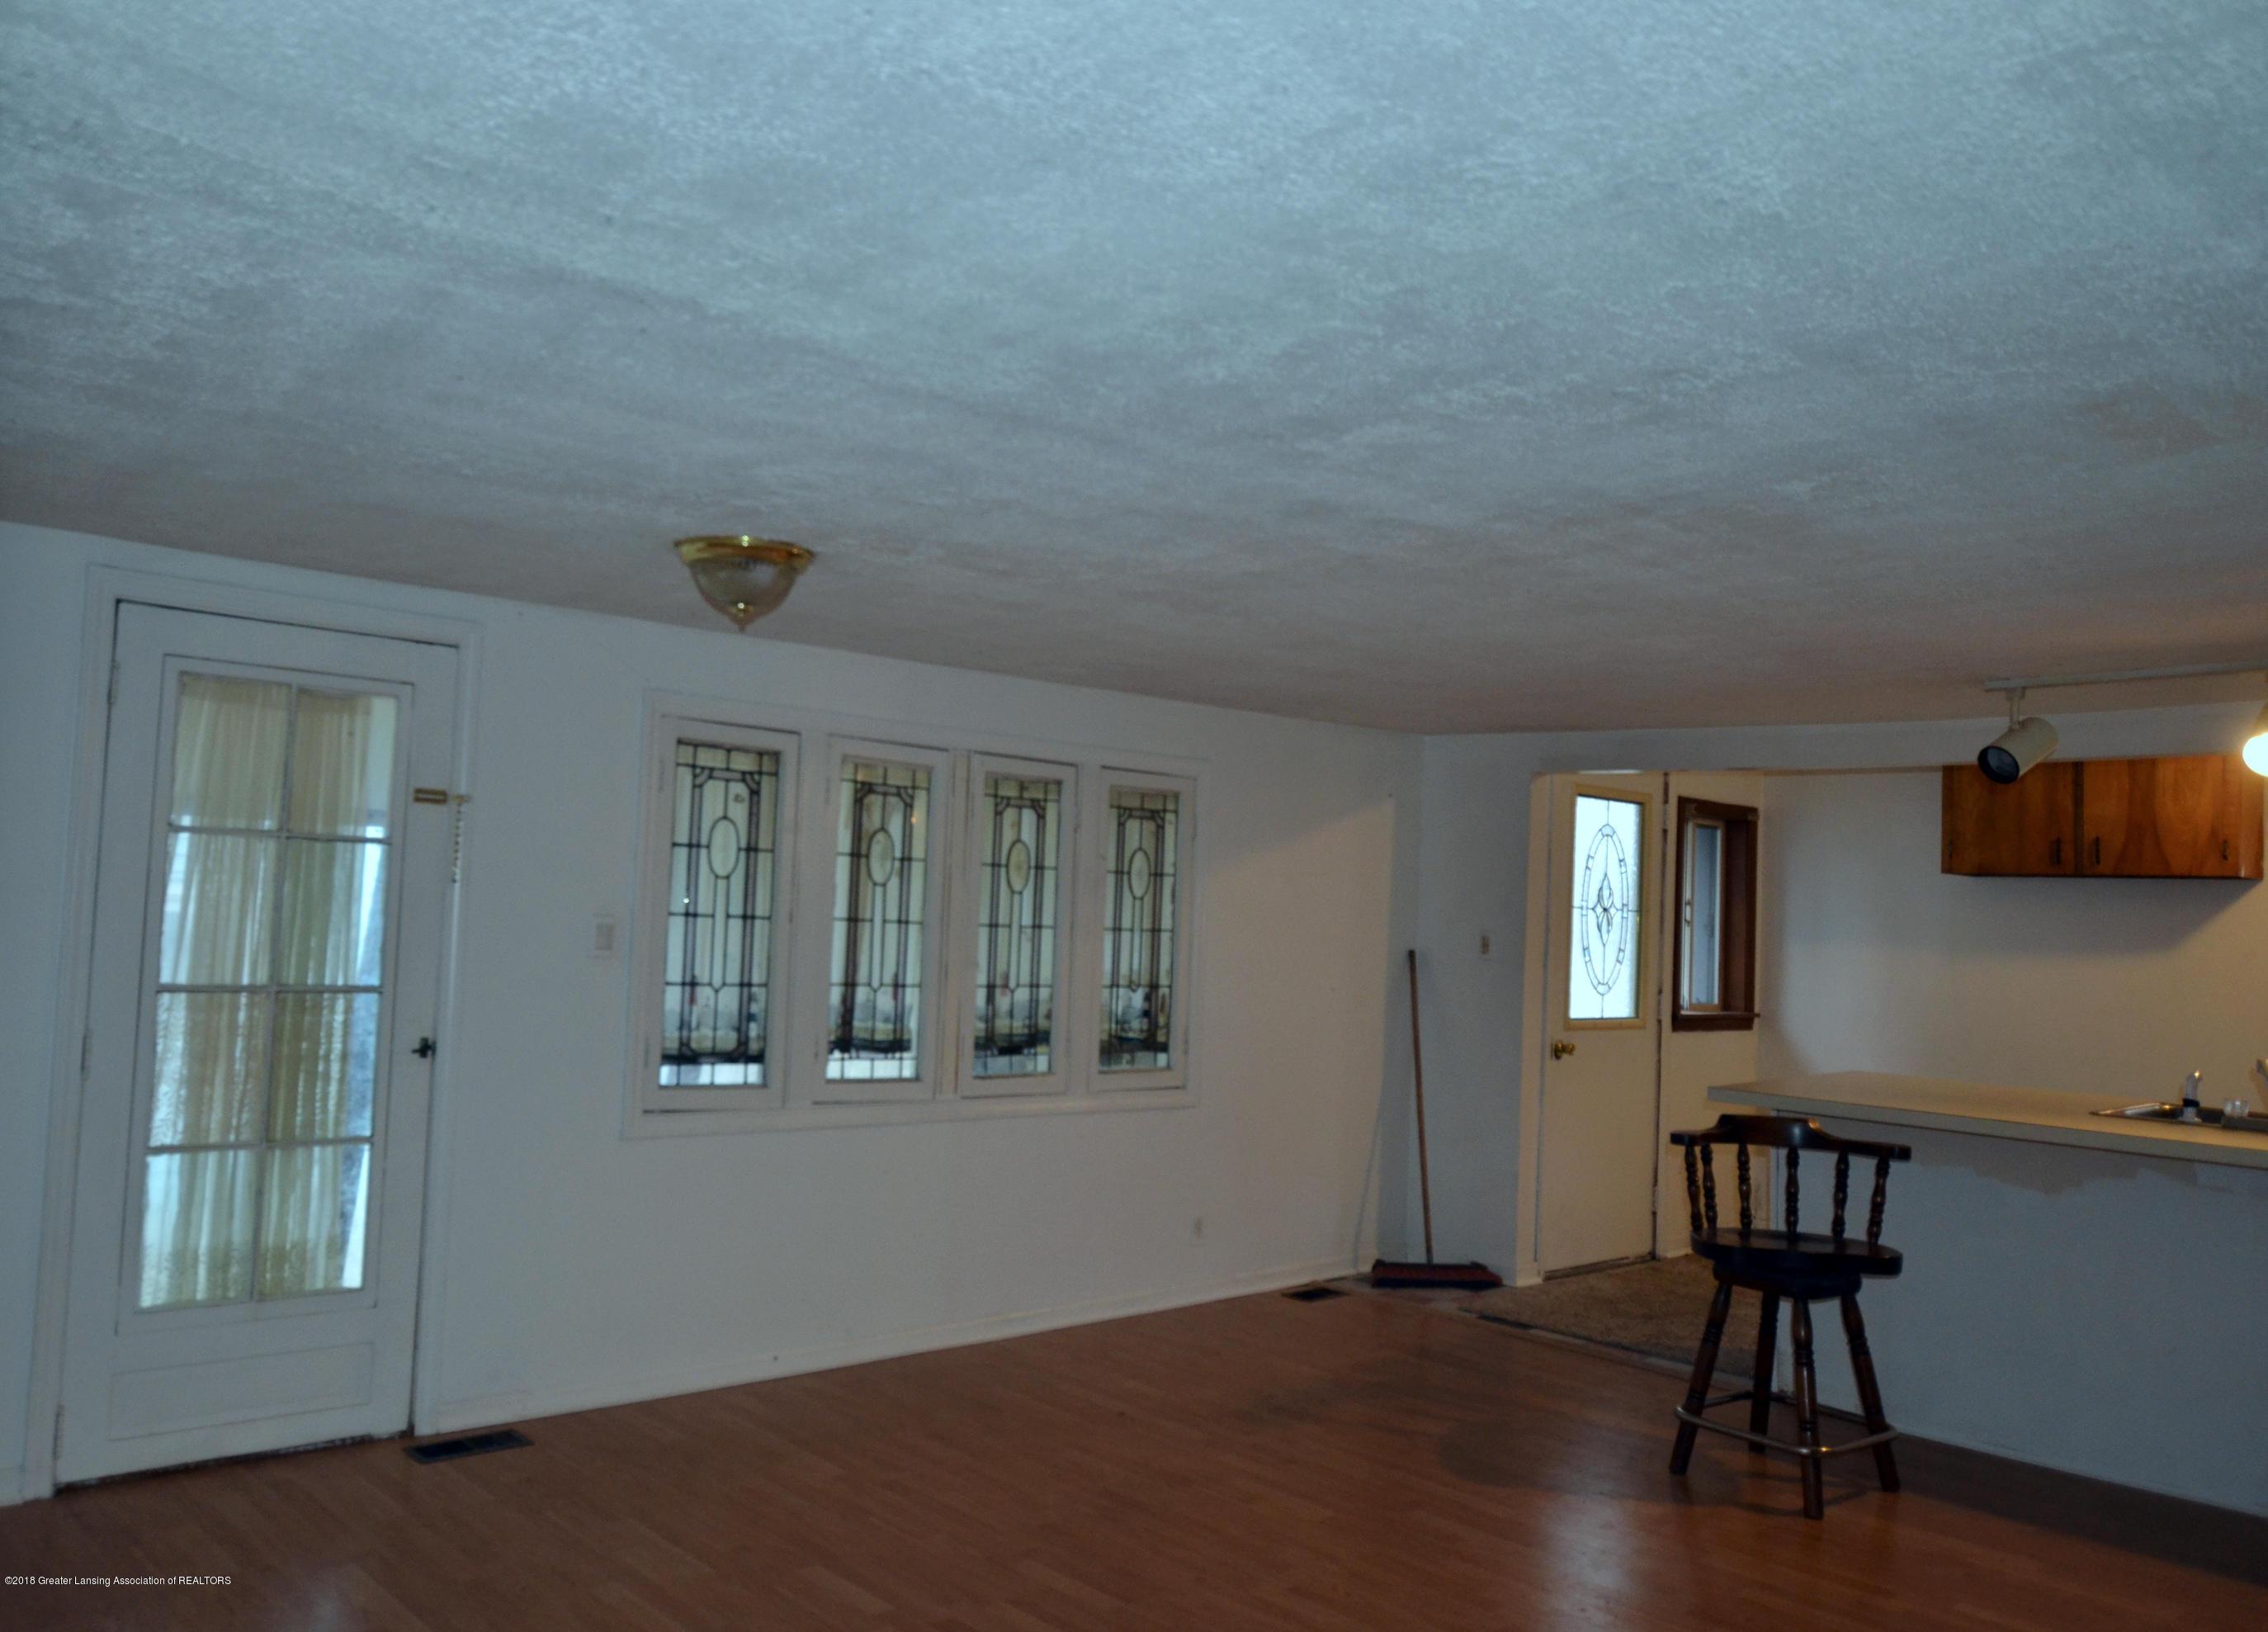 15871 Short St - 15871 Short St living room 2 - 2